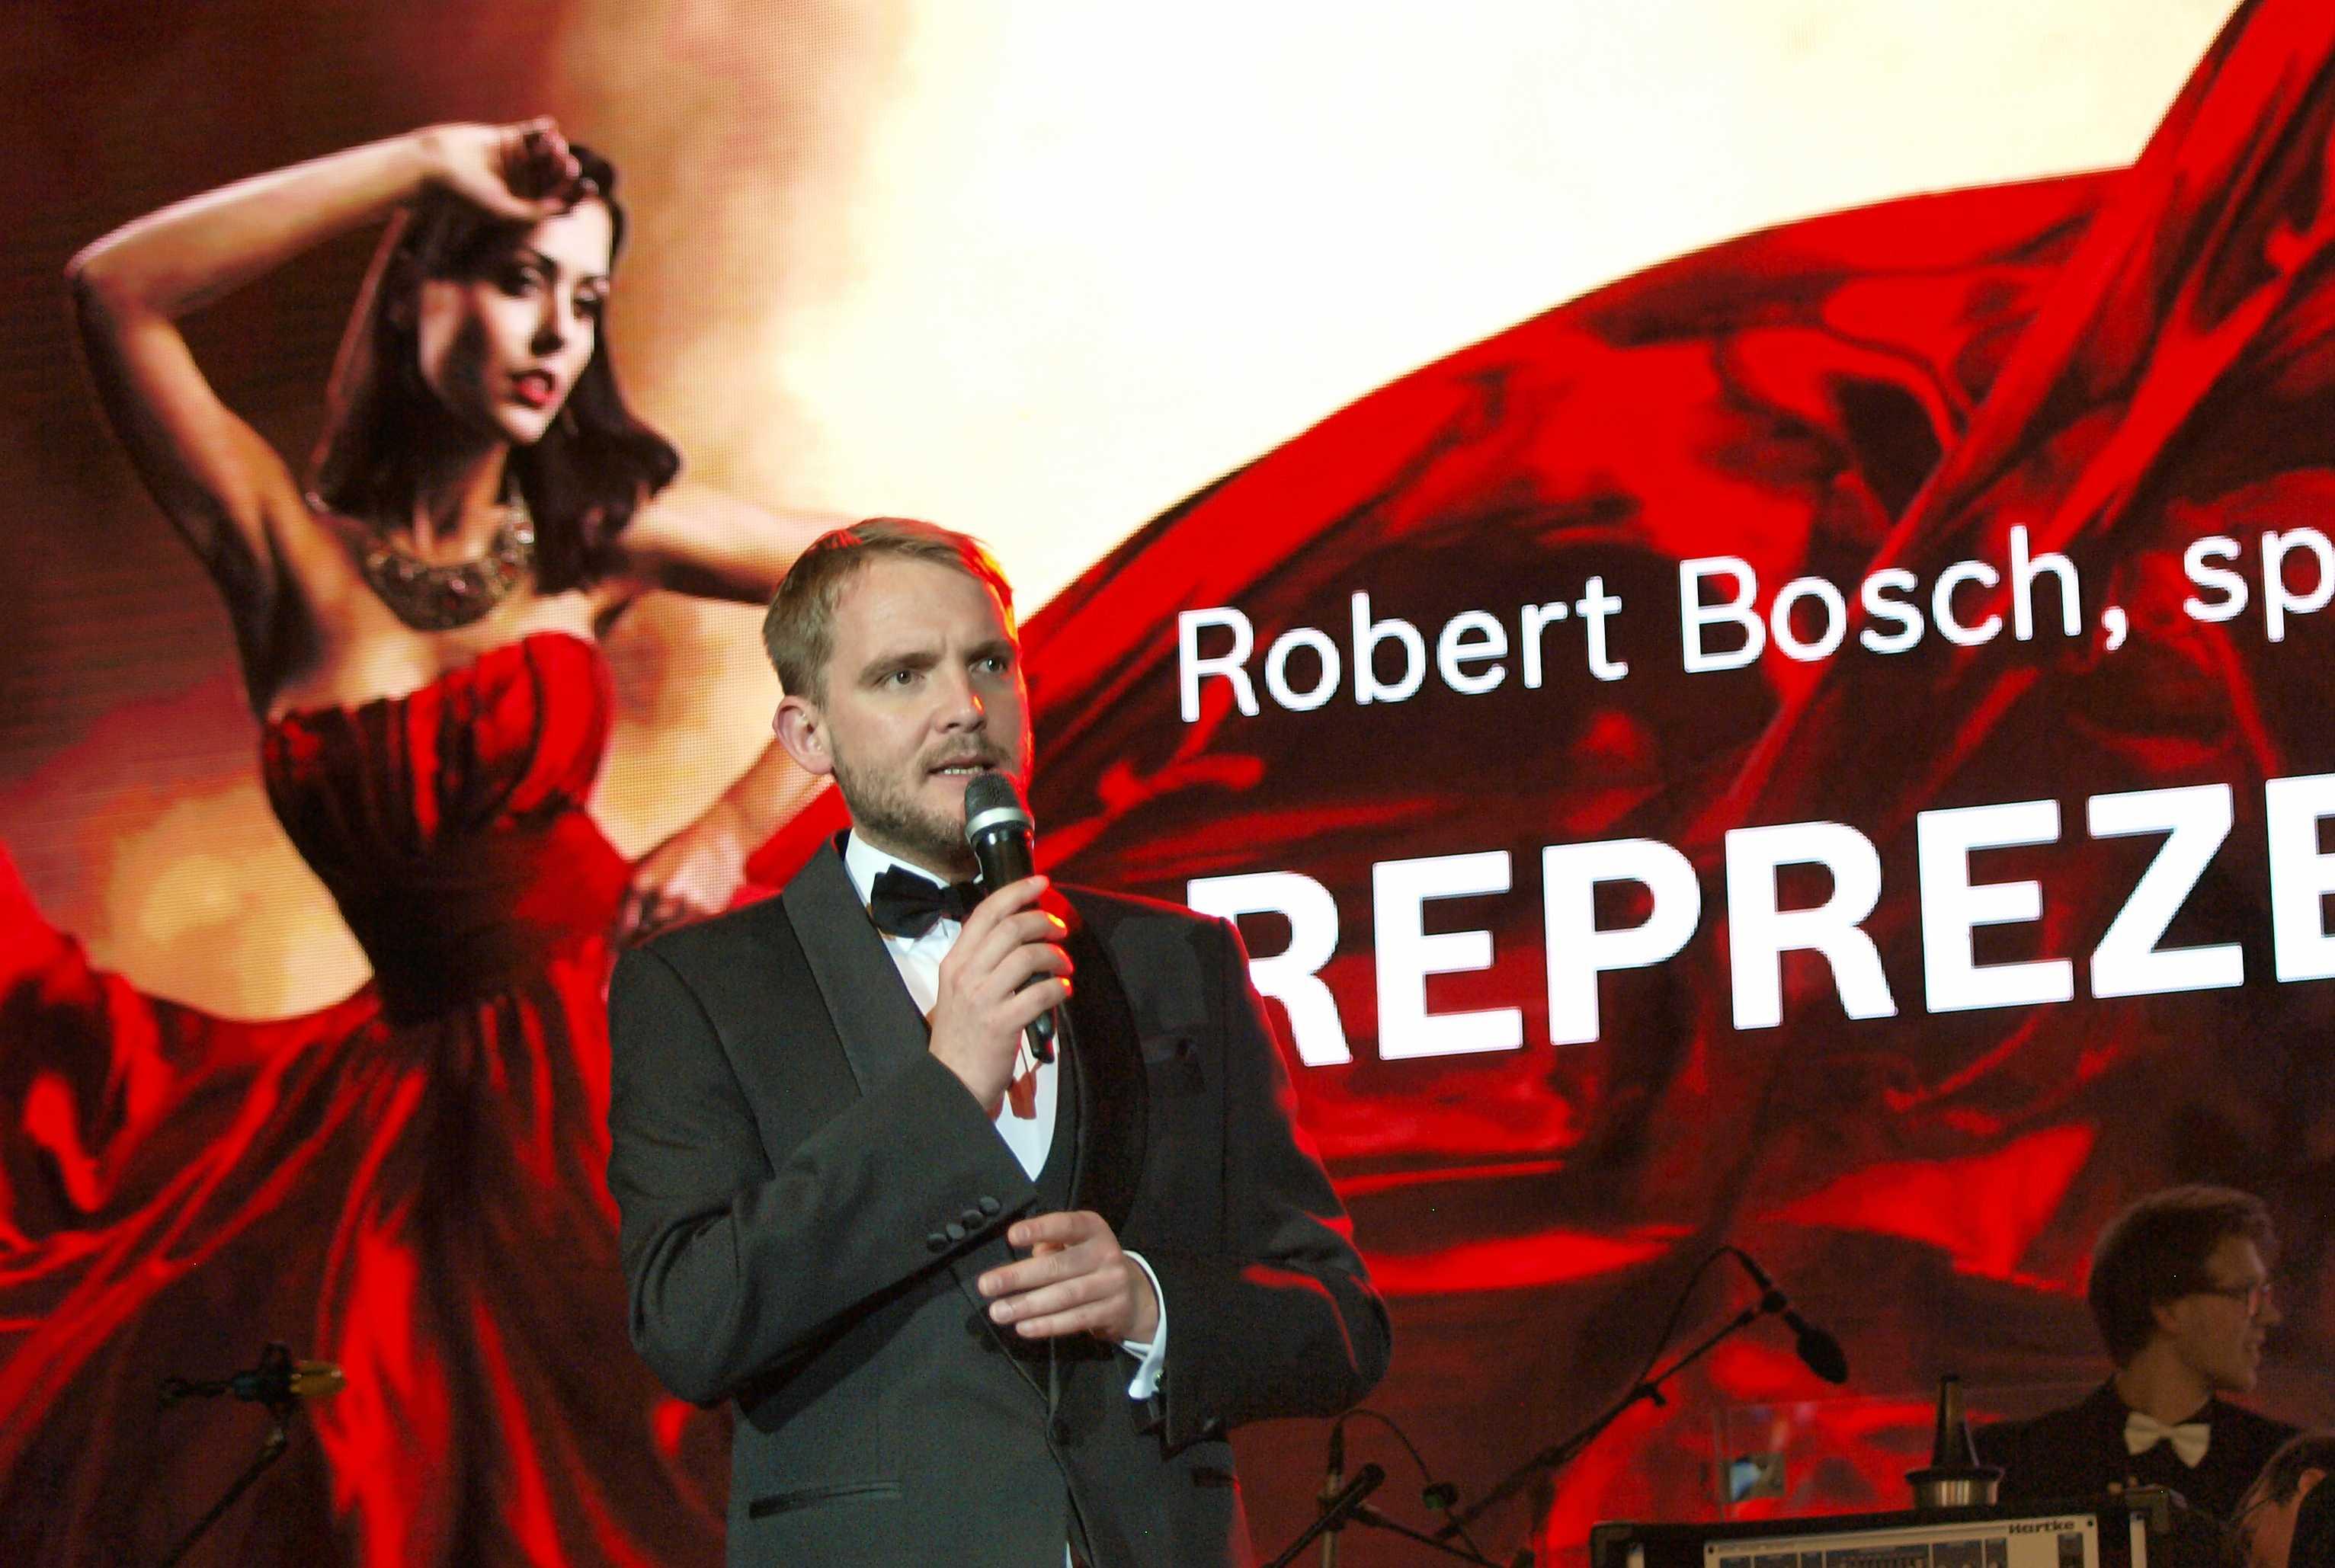 (Czech) PLES ROBERT BOSCH ČB 2018